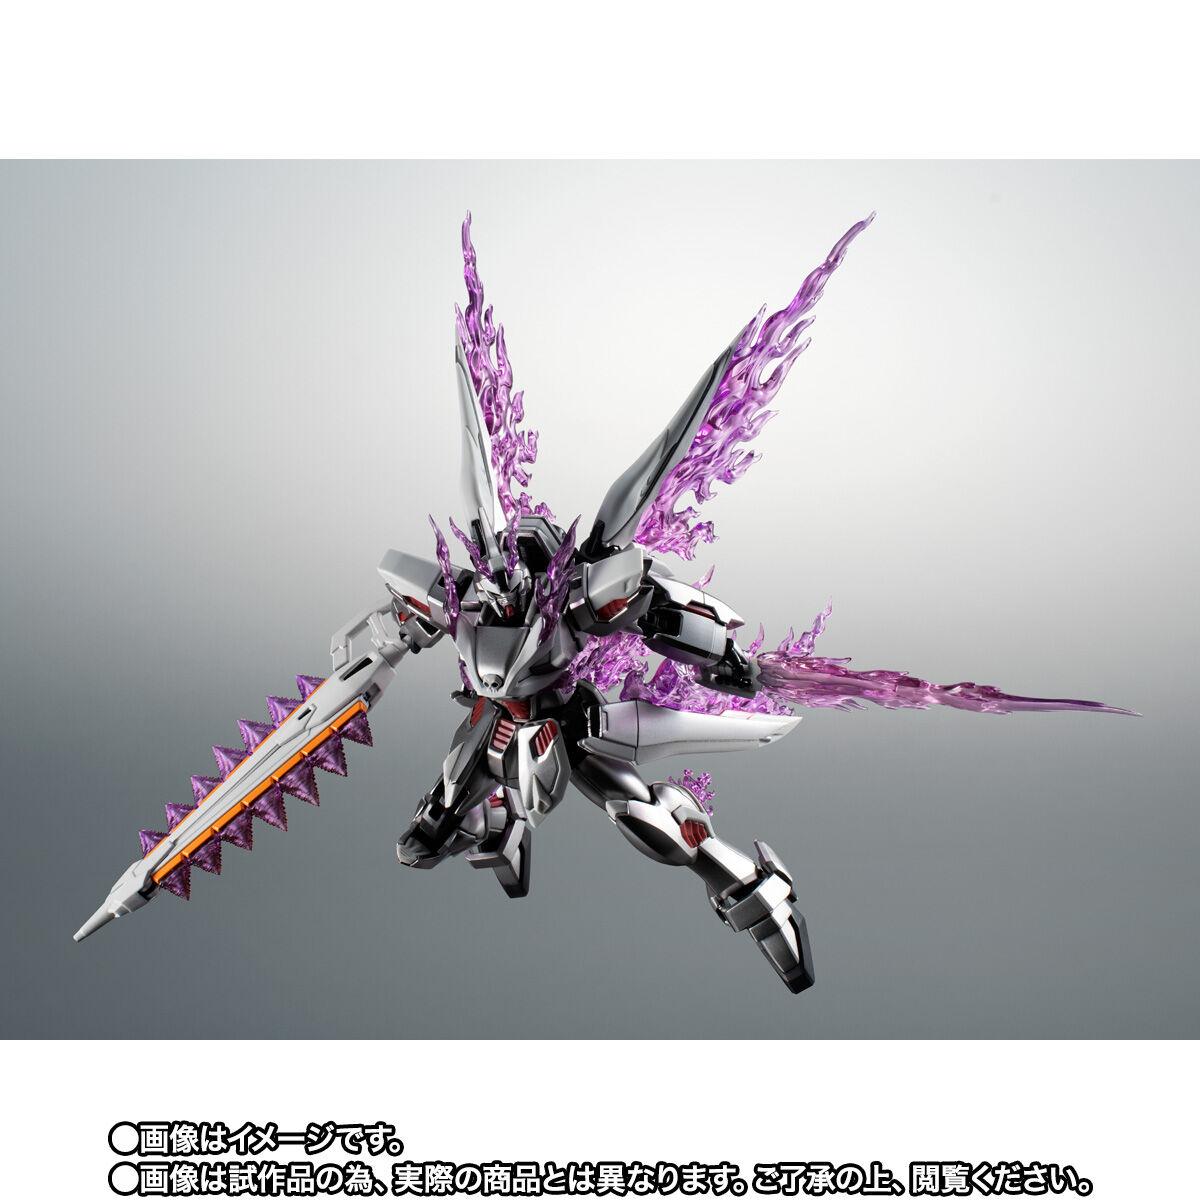 【限定販売】ROBOT魂〈SIDE MS〉『ゴーストガンダム』クロスボーン・ガンダム 可動フィギュア-006